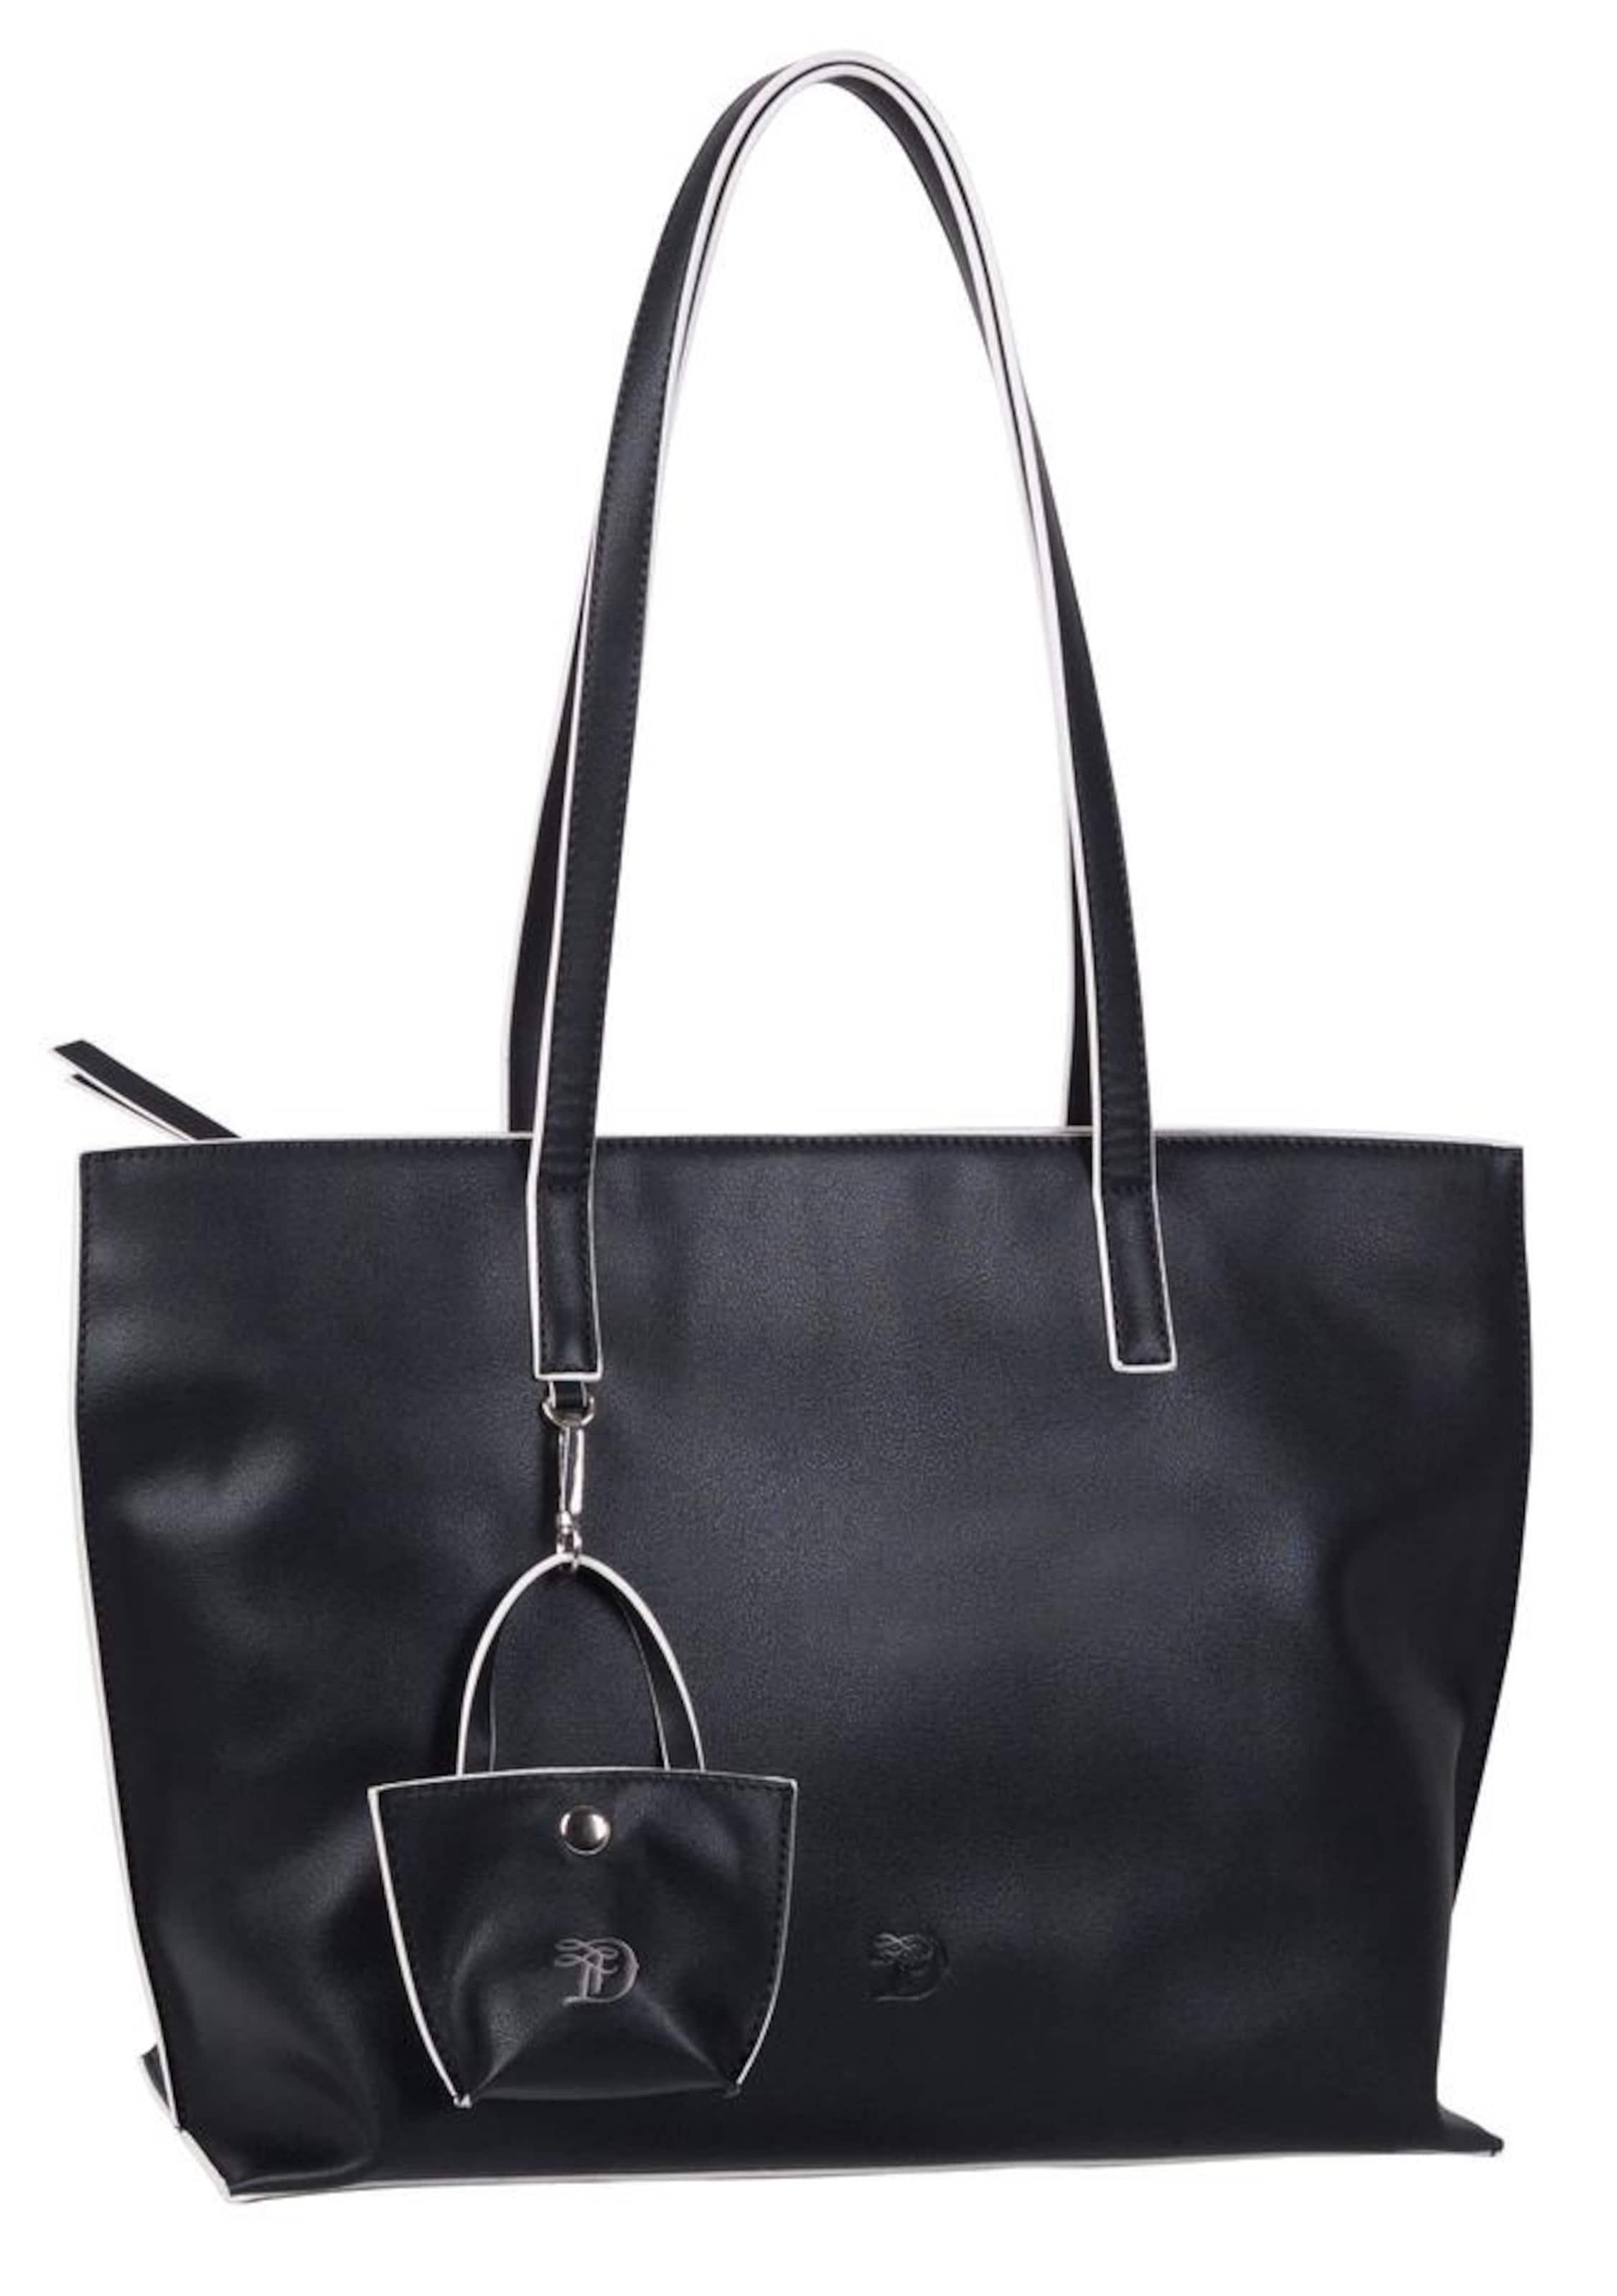 TOM TAILOR DENIM Shopper Rabatt Angebote Verkauf Niedrig Versandkosten Outlet Kaufen Billige Neue Stile vhJtNj1M6